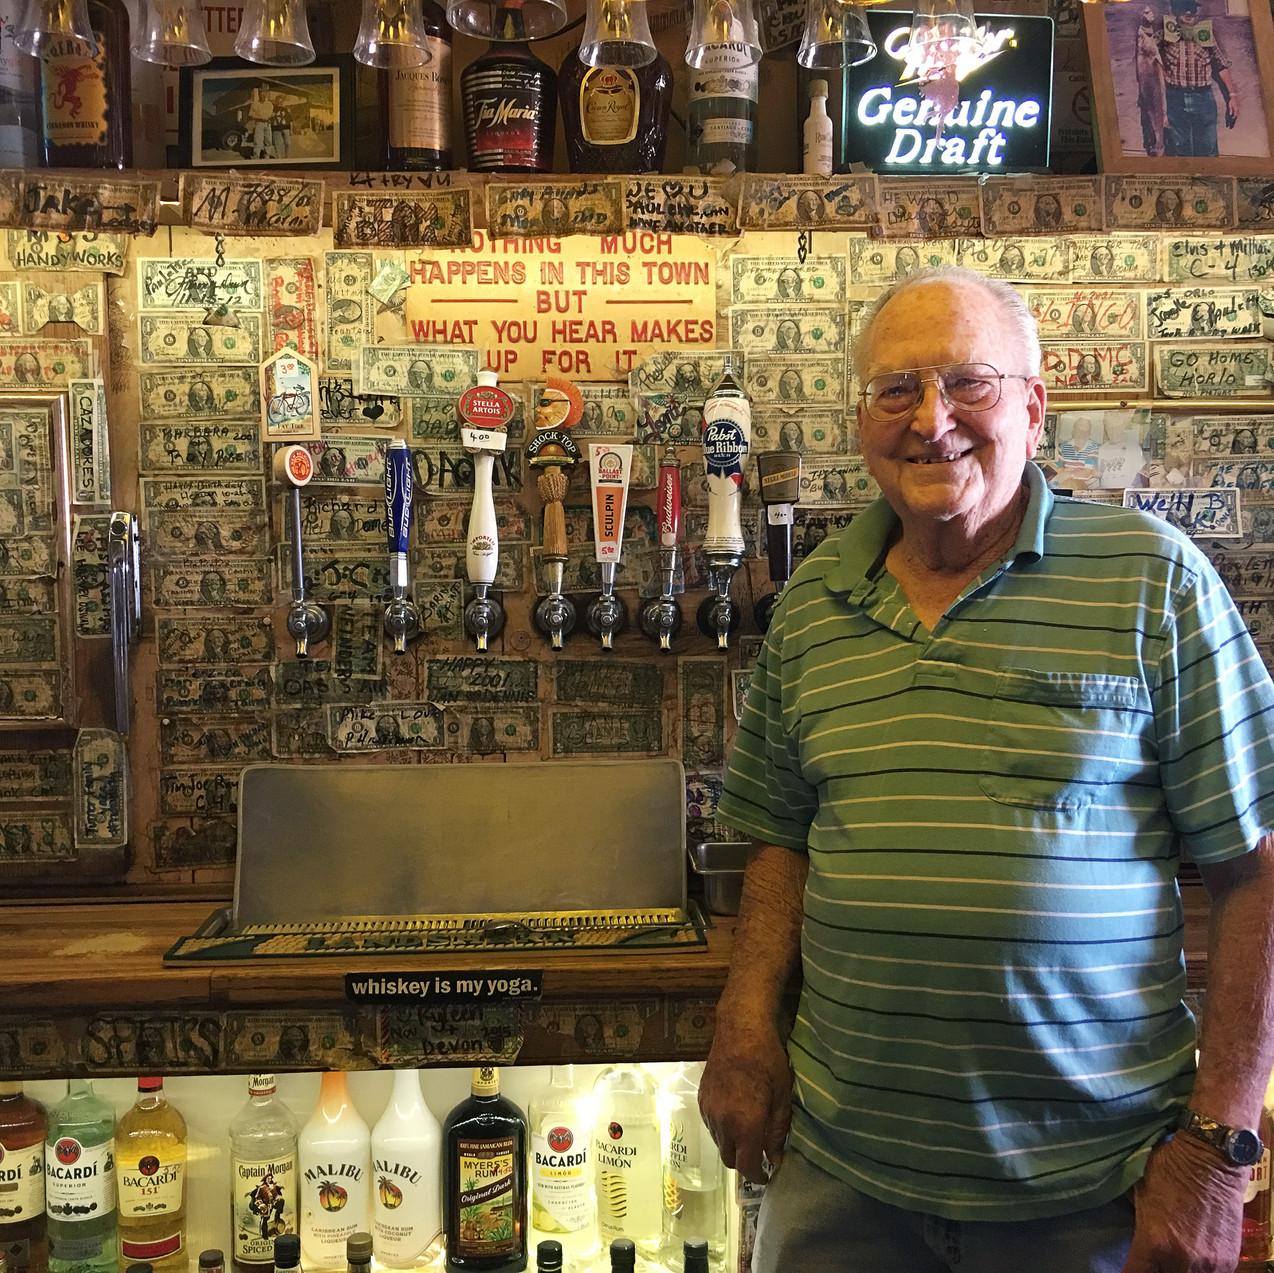 Wendell, owner of The Ski Inn